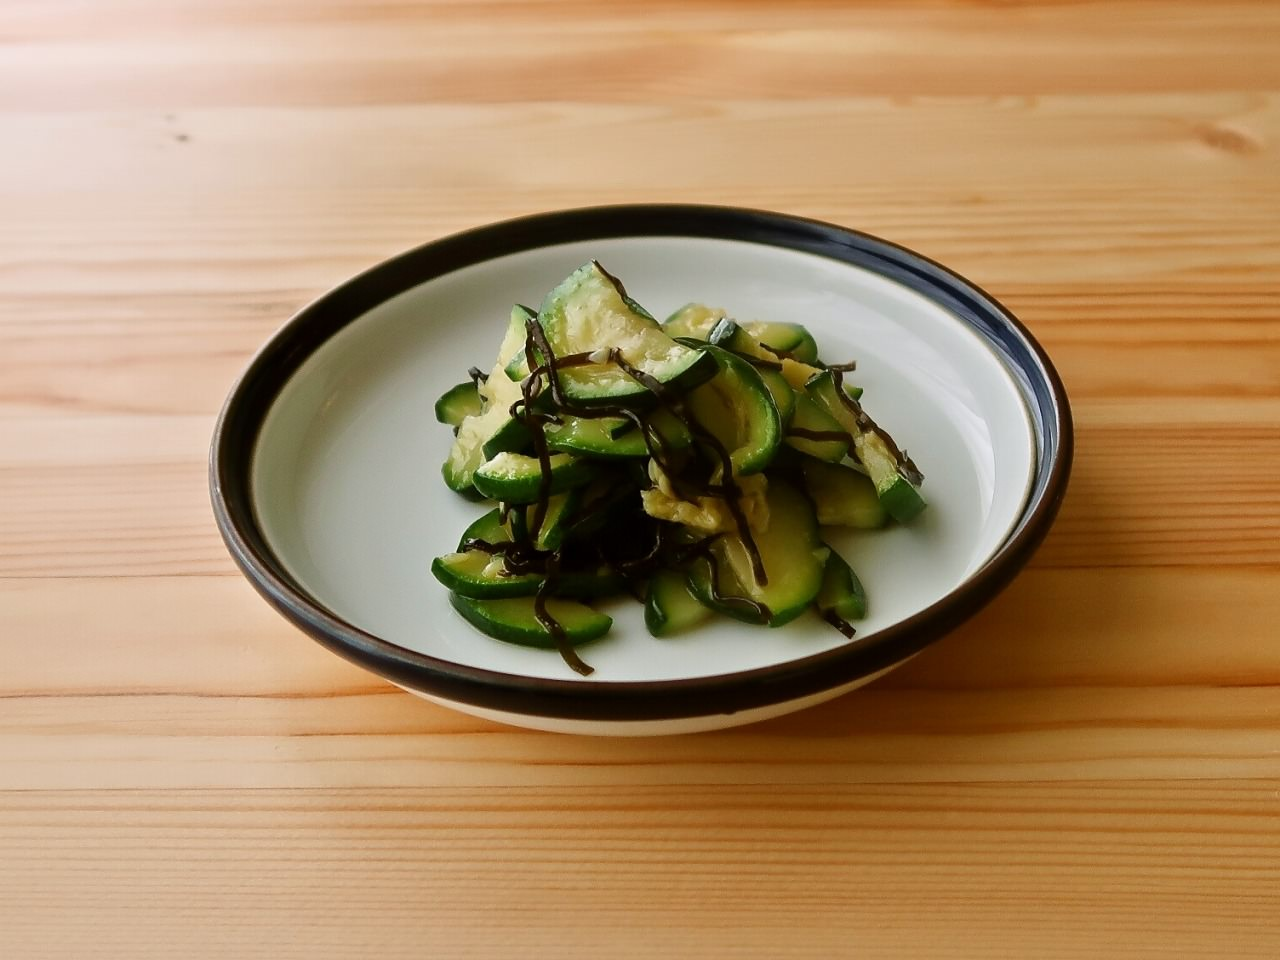 【野菜ひとつ】ズッキーニの塩昆布和え